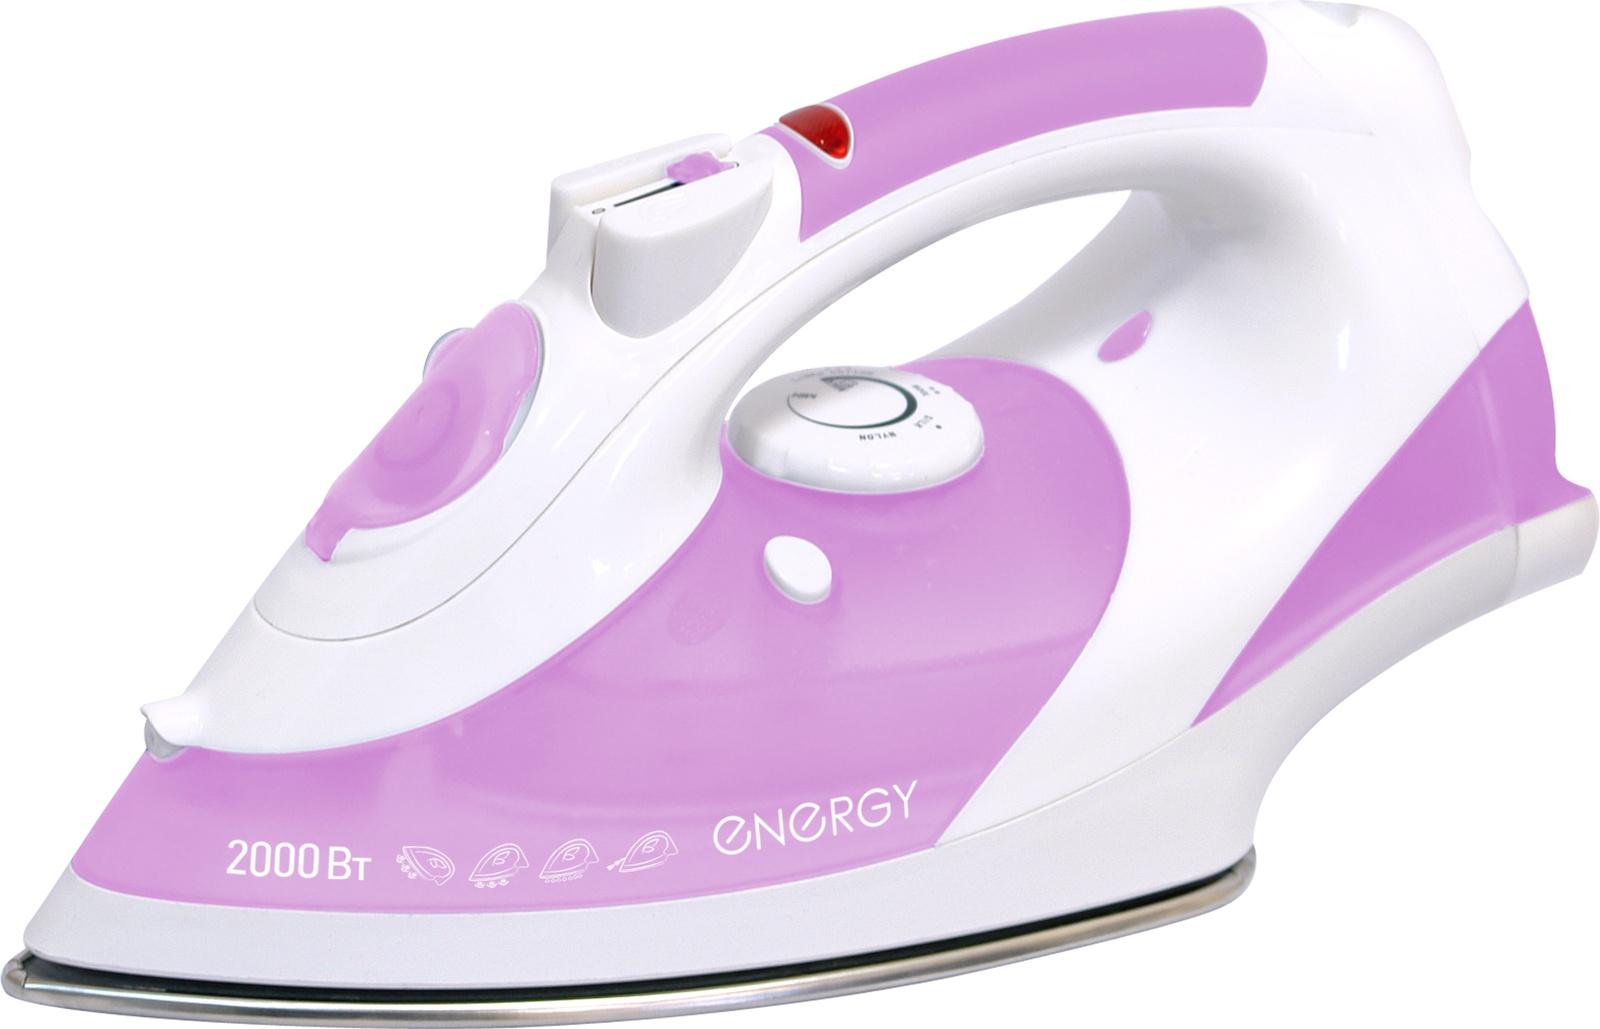 Утюг ENERGY EN-306, 54 270023, розовый утюг energy en 327 blue